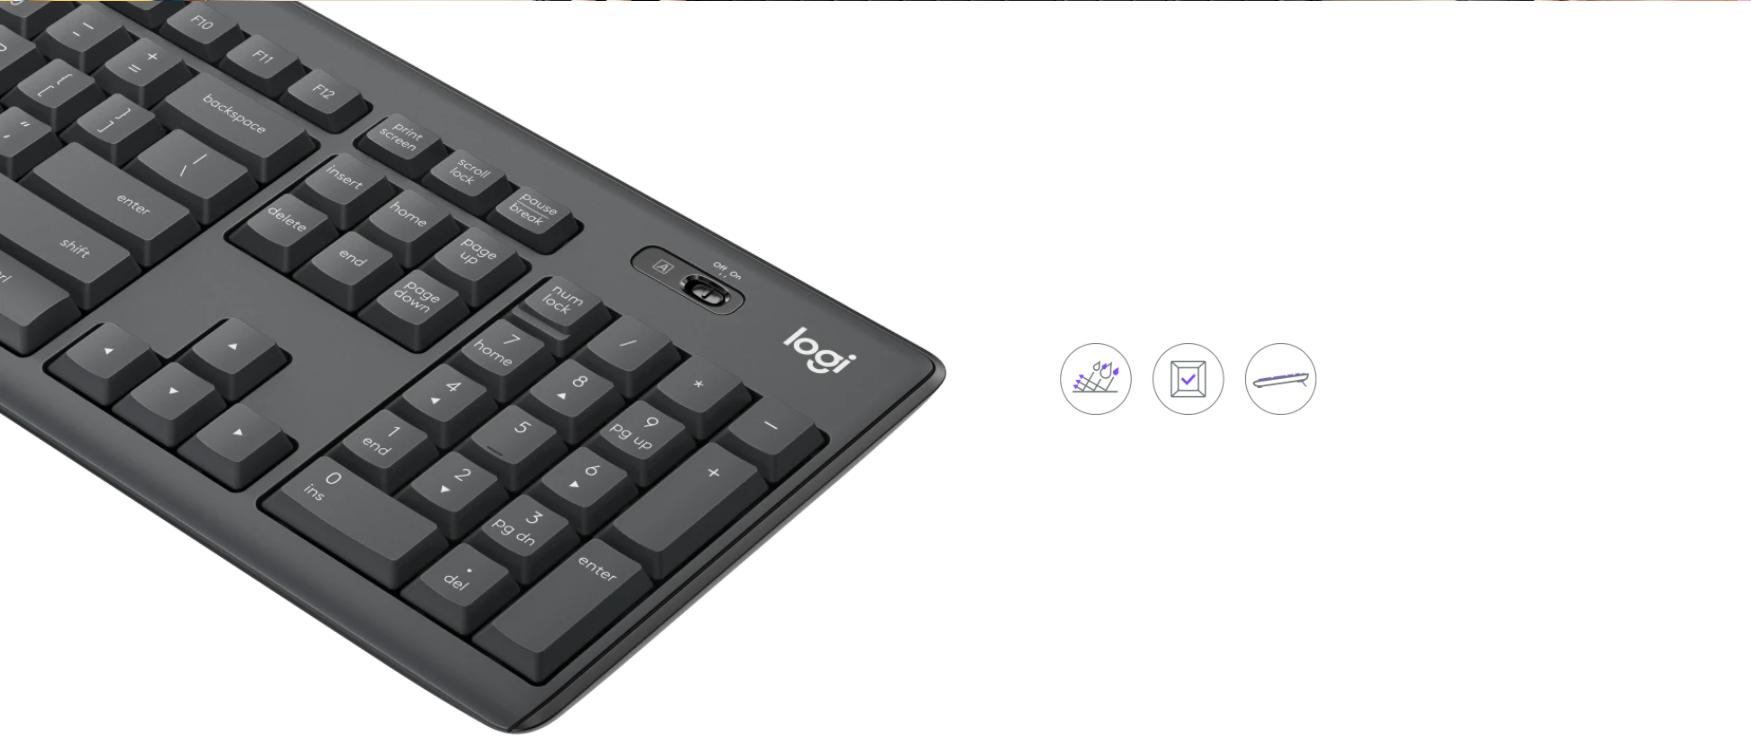 Bộ bàn phím + chuột không dây Logitech MK295 màu đen (USB/SilentTouch) có thiết kế bền bỉ